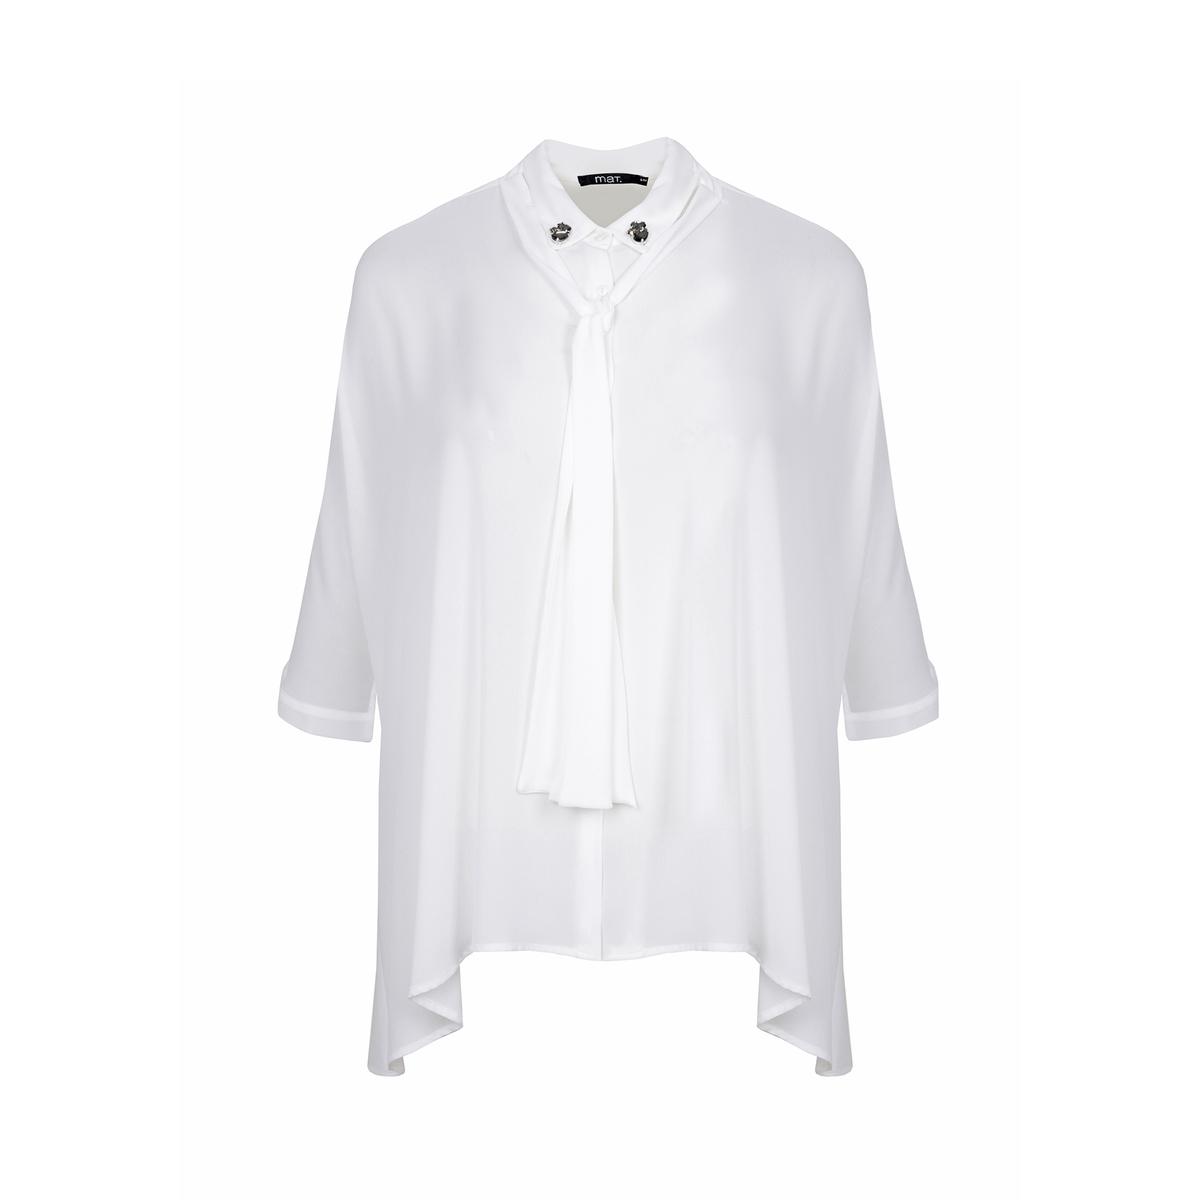 Блузка с бантом и украшением на вырезе, с короткими рукавами блузка кружевная с короткими рукавами